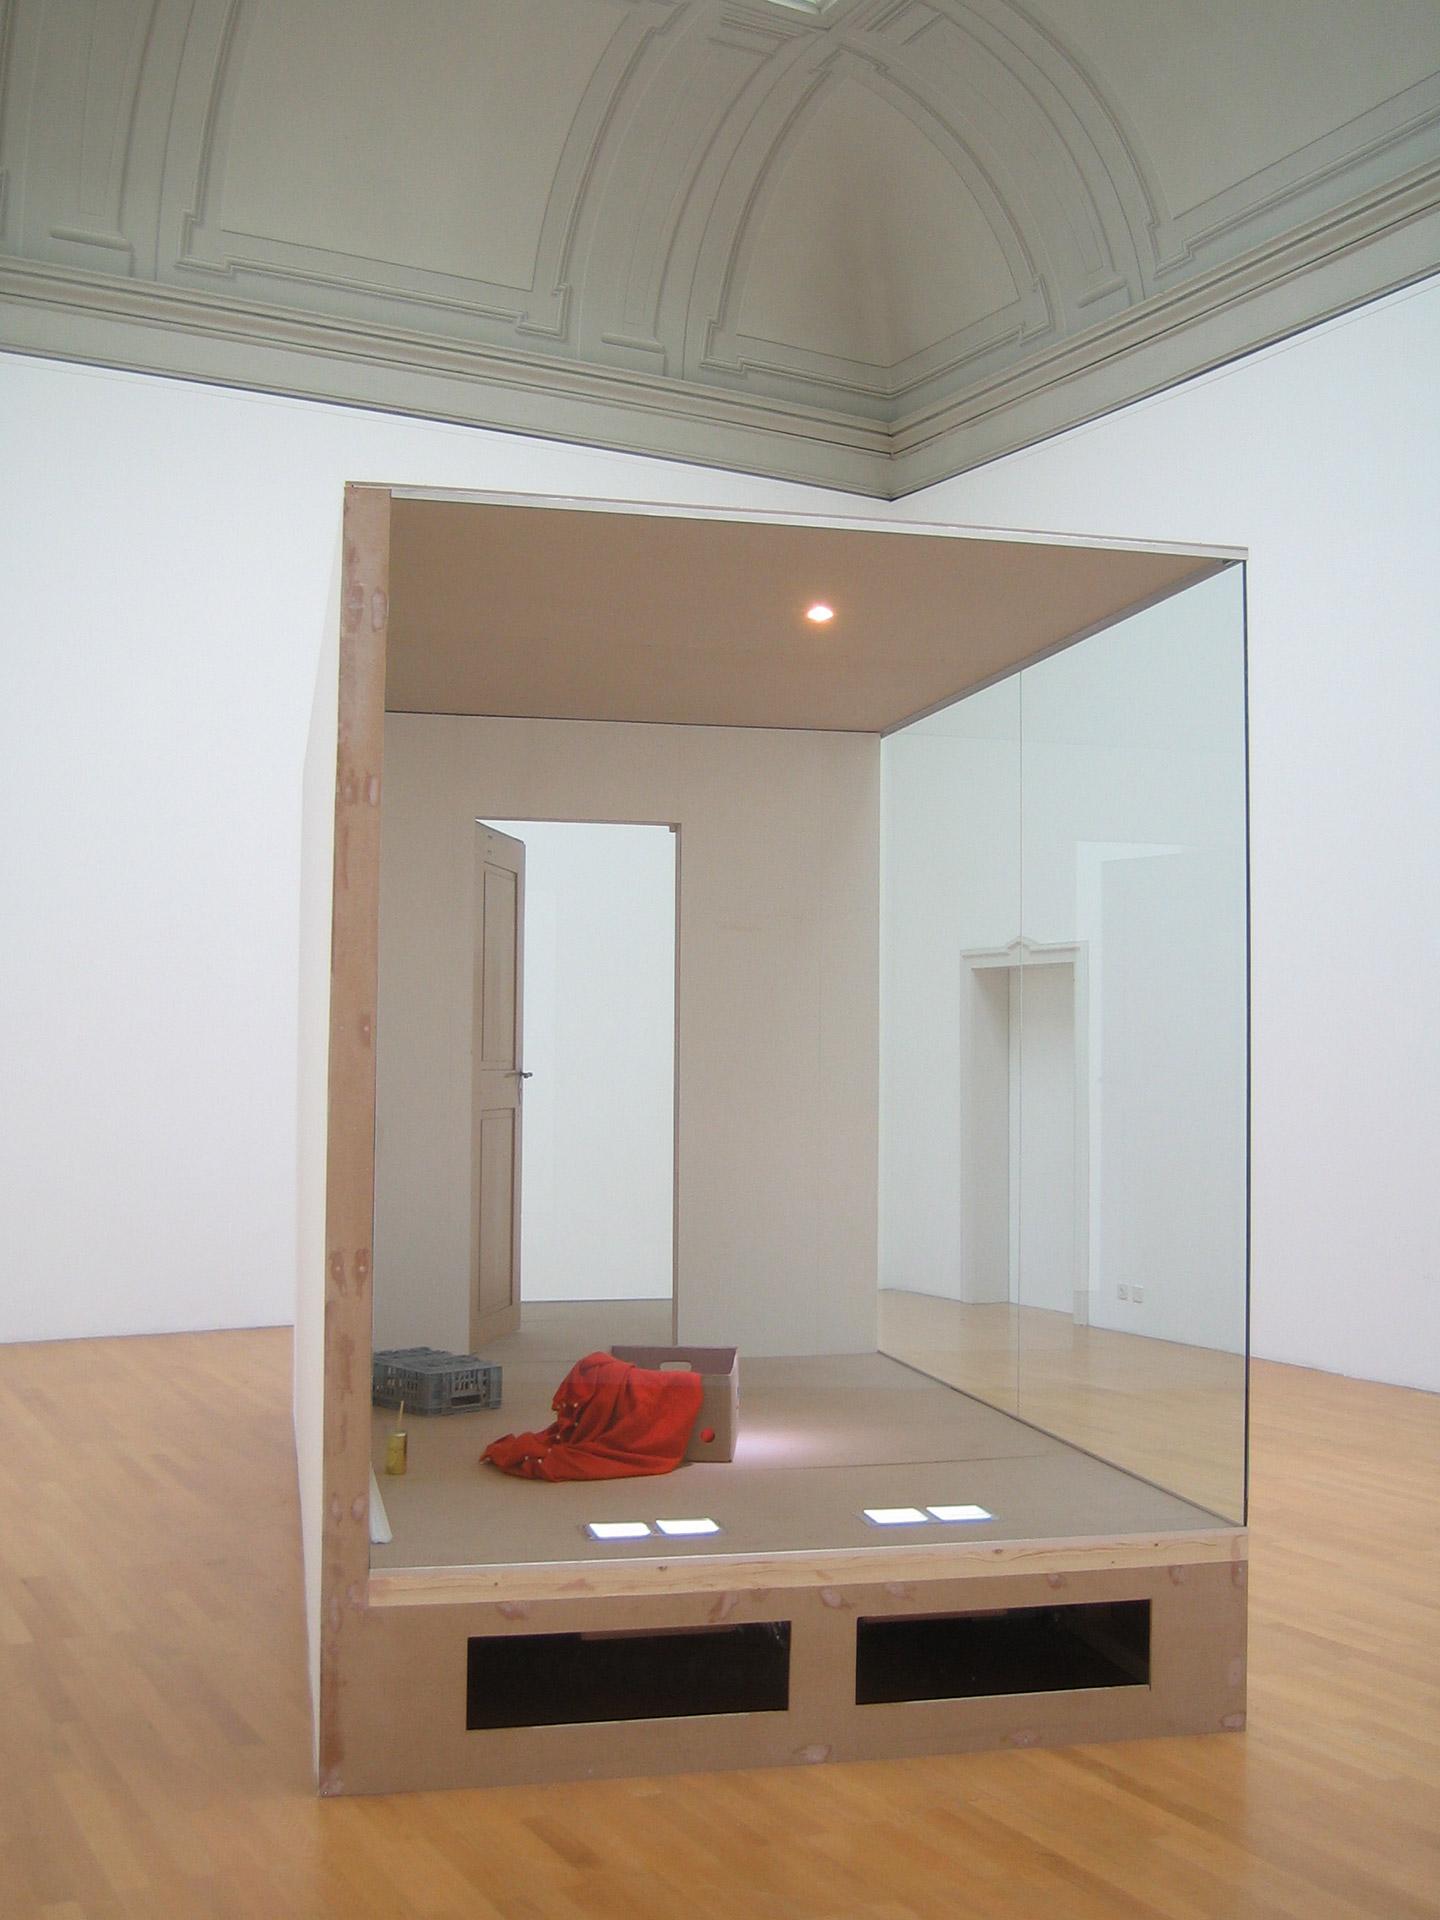 David-Renggli-Kunsthalle-Winterthur-2006-2.jpg